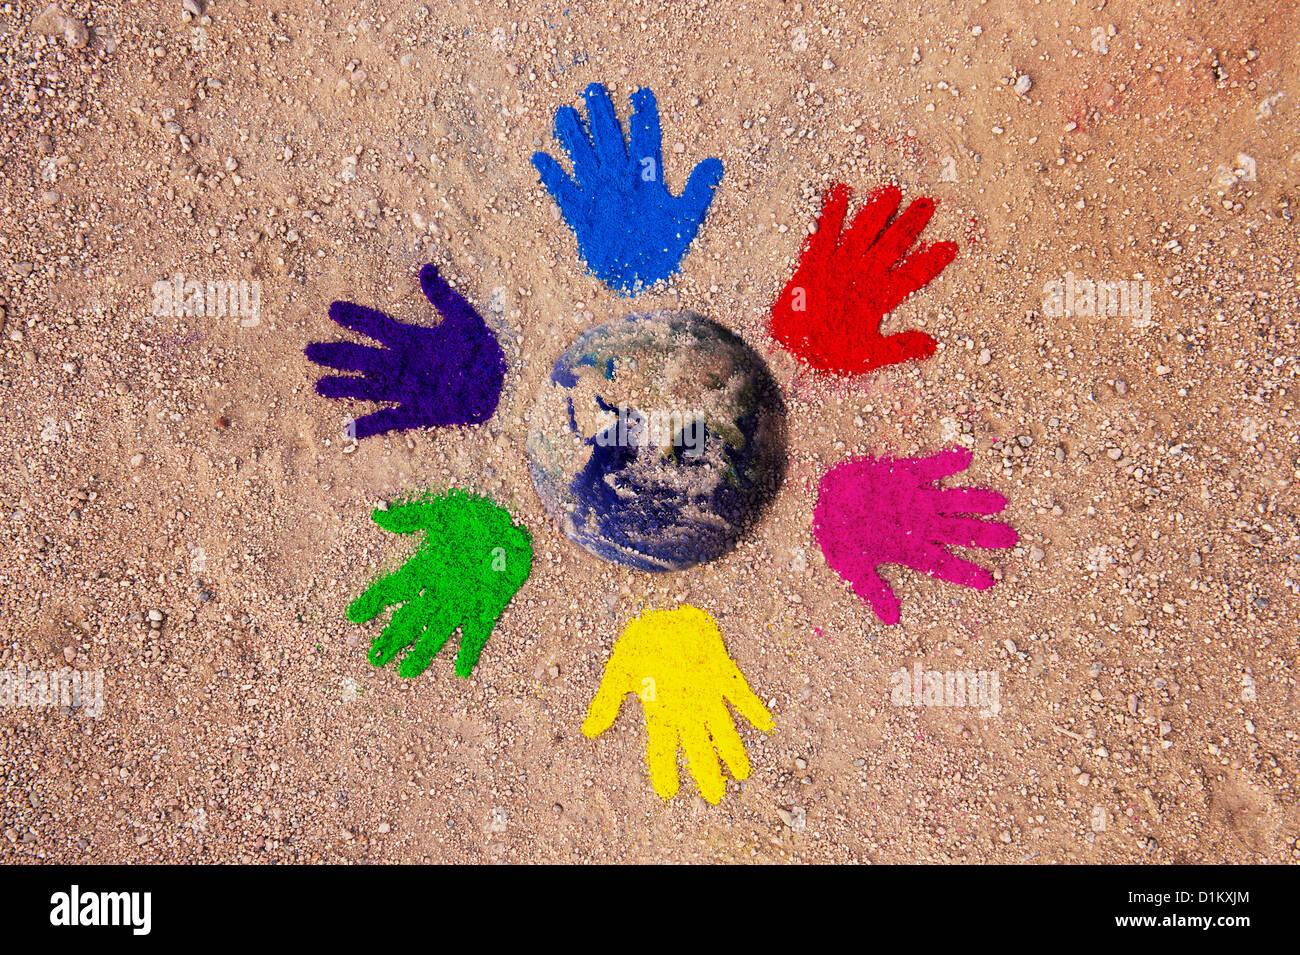 Polvere colorata stampe a mano in un modello circolare su una pista sterrata con la terra miscelato in medio Immagini Stock